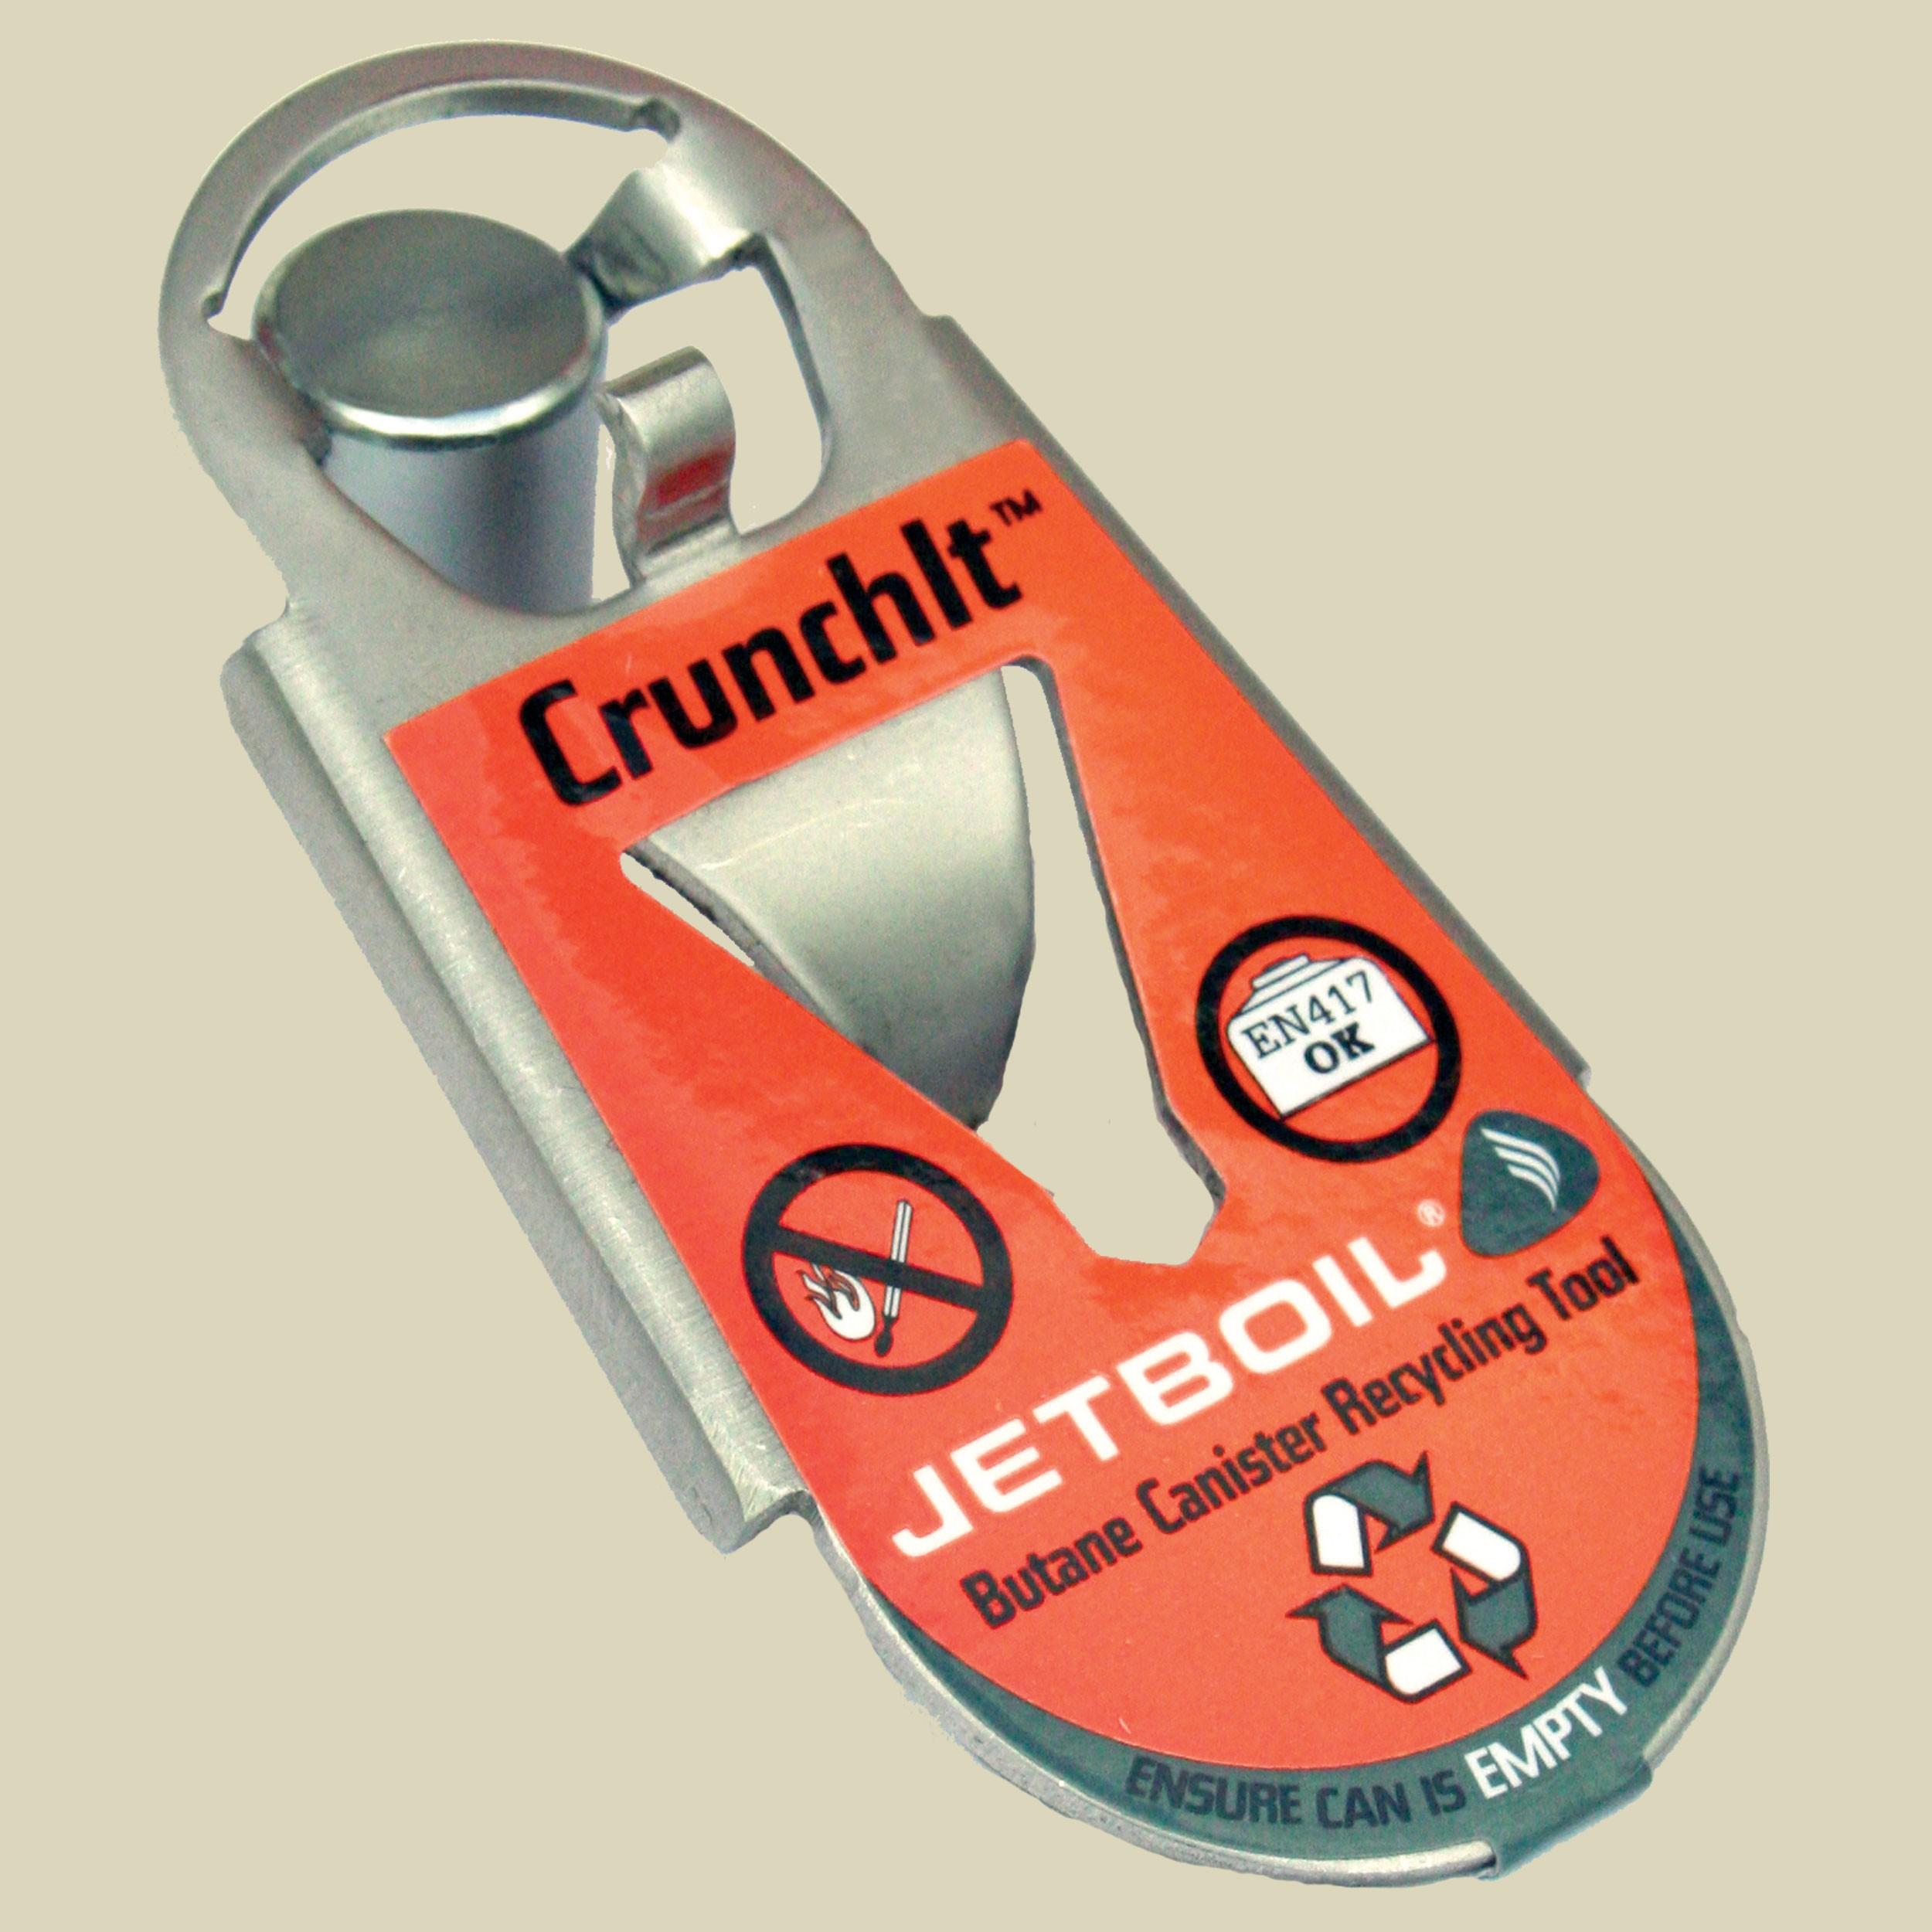 jetboil_CrunchIt_fallback.jpg